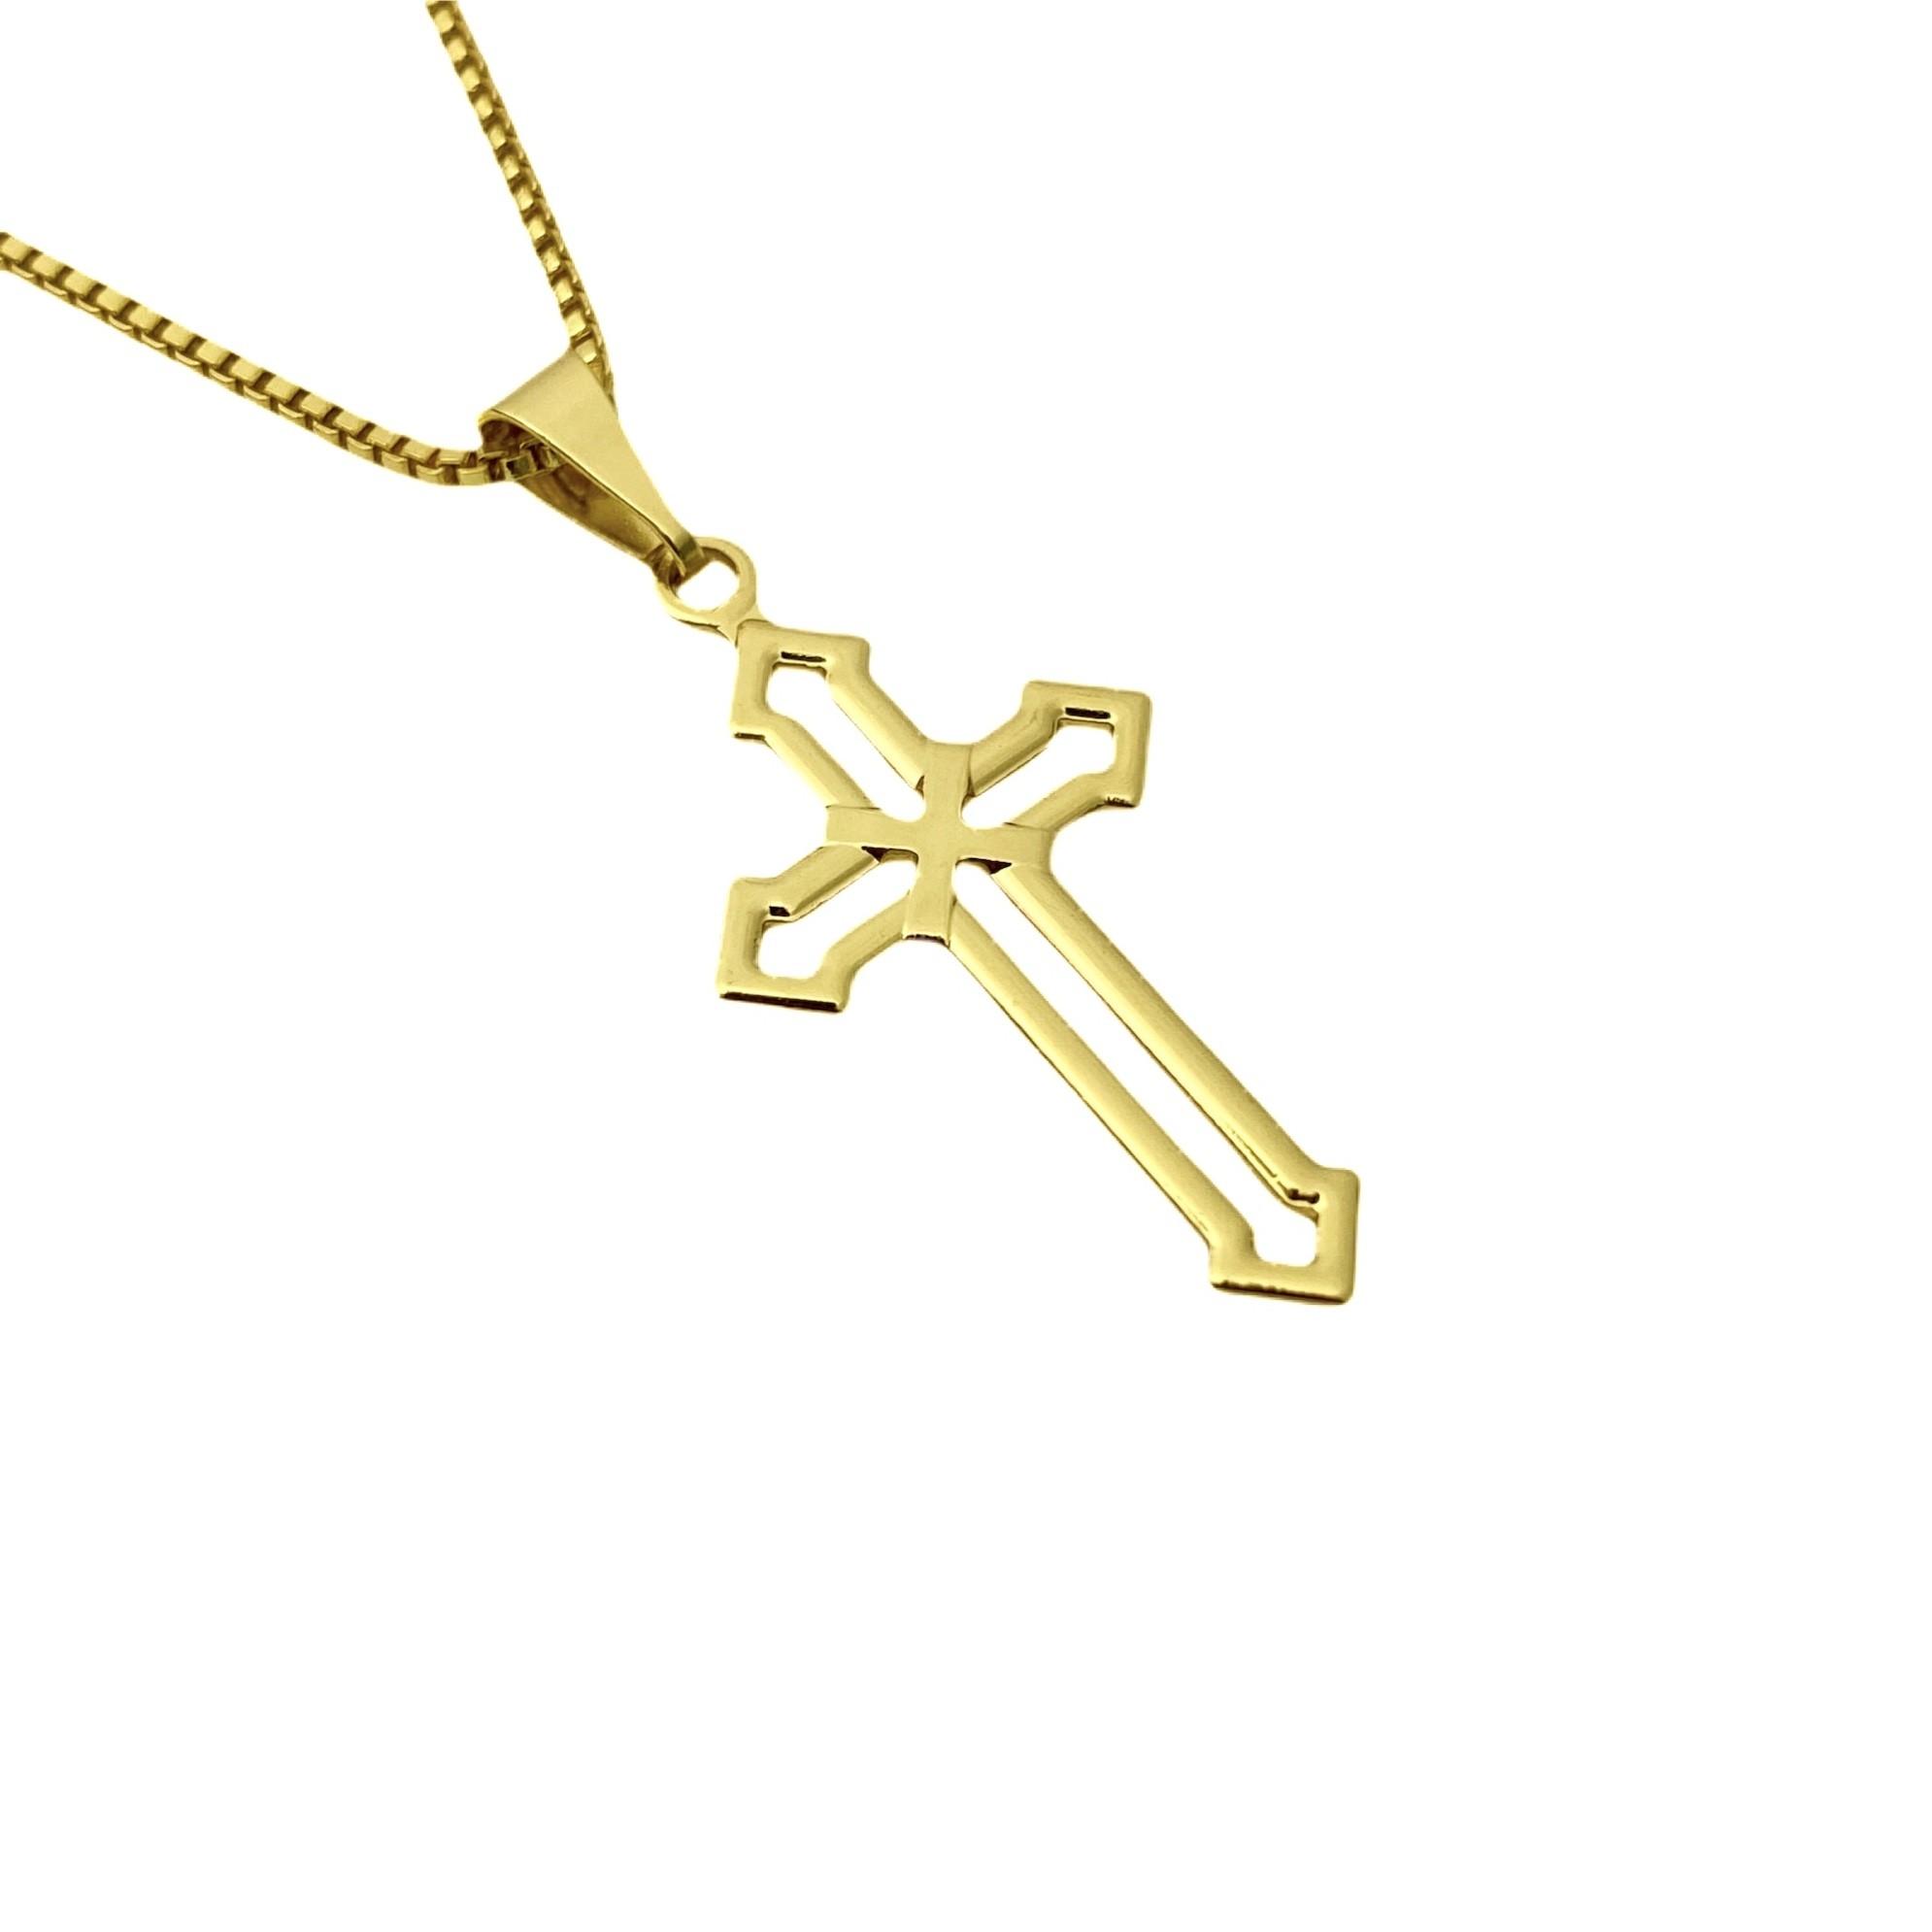 Pingente Crucifixo Vazado 2,8cm X 1,5cm